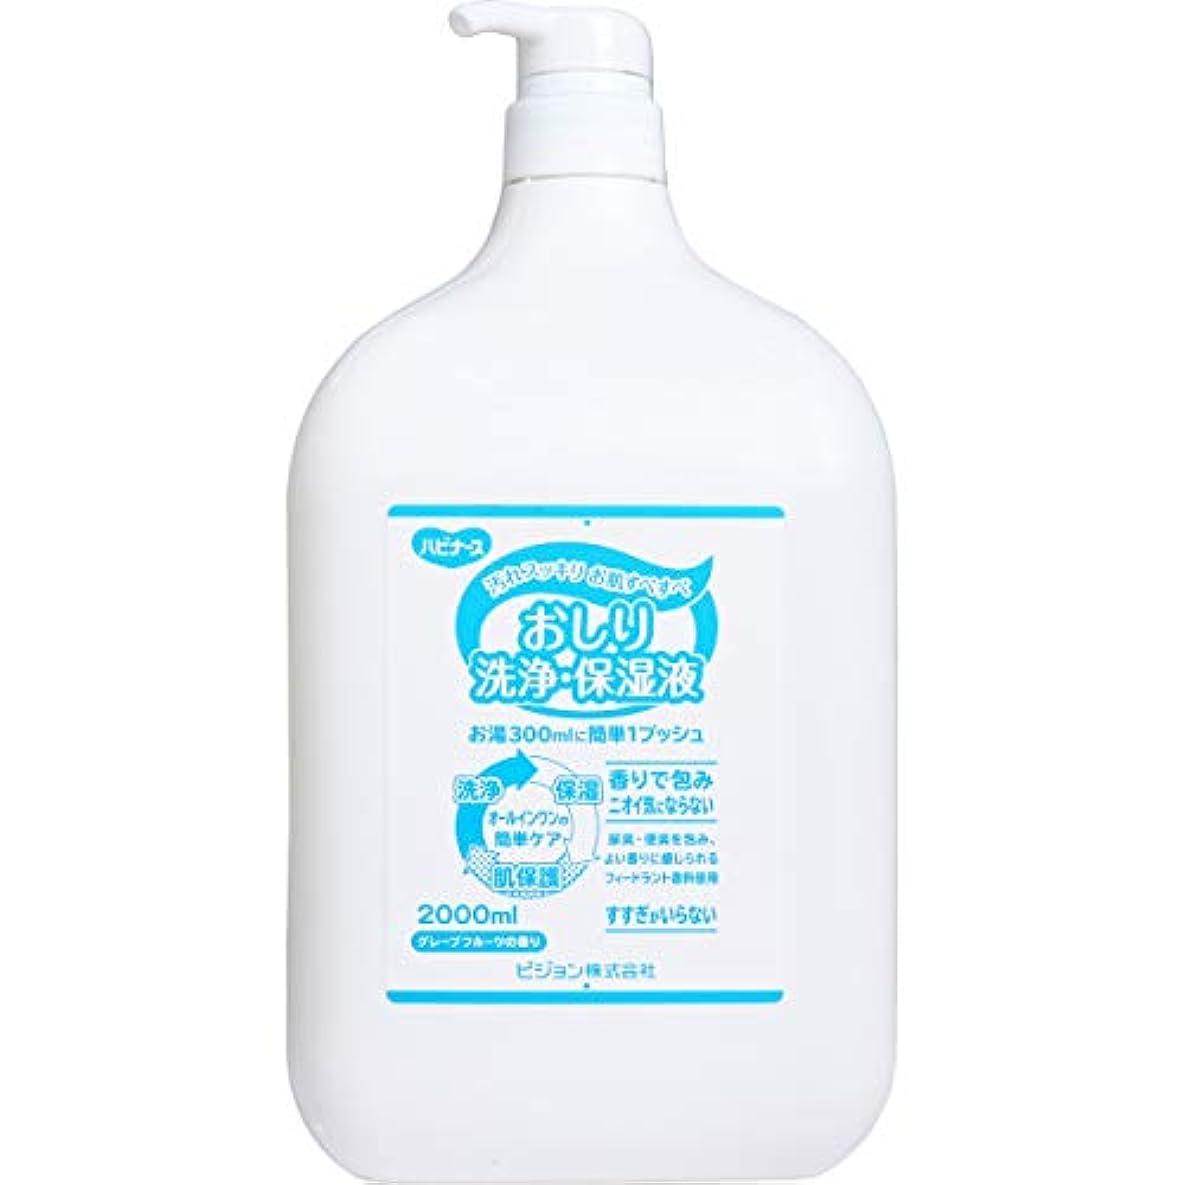 ブランデーレタスグローバルハビナース おしり洗浄?保湿液 グレープフルーツの香り 2000mL 洗浄?保湿?肌保護 オールインワンの簡単ケア!